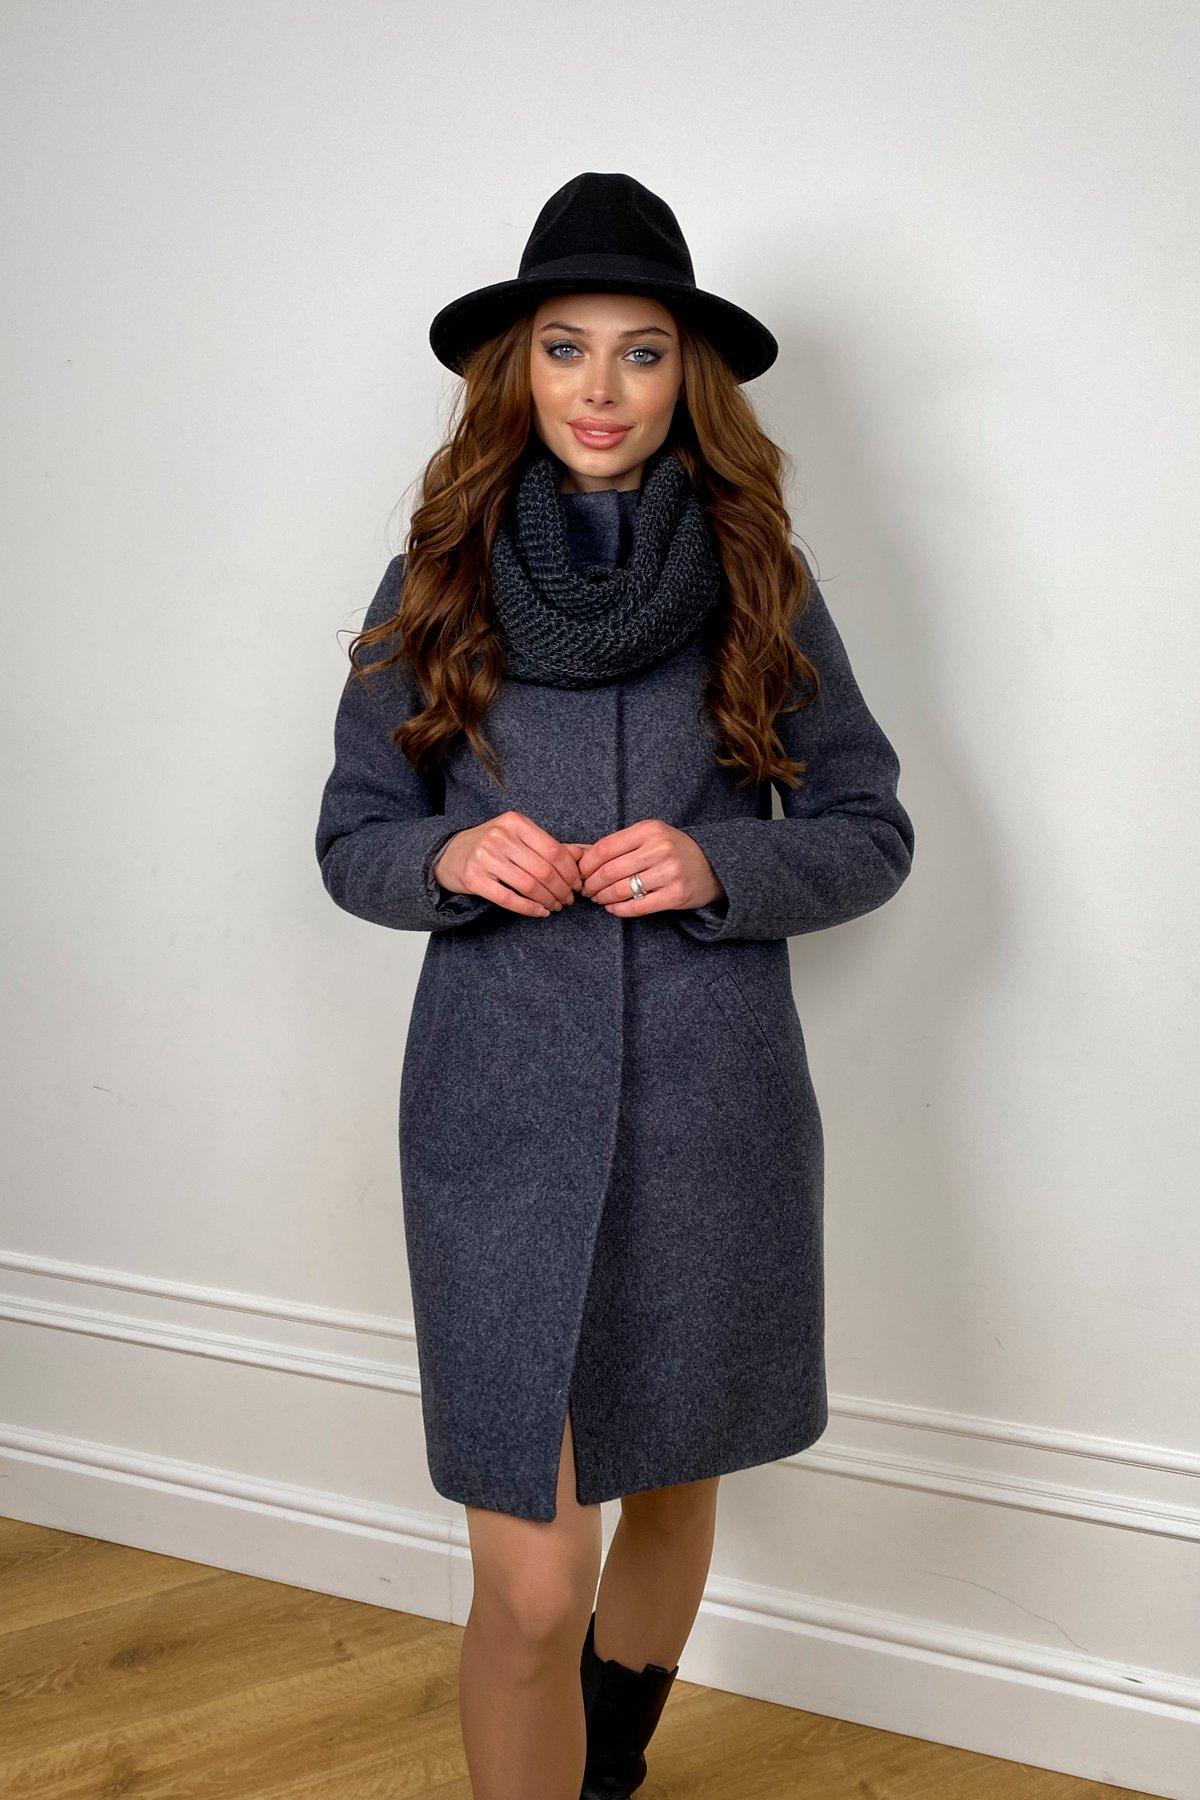 Зимнее пальто с воротником стойка Фортуна лайт 5804 АРТ. 44304 Цвет: т. синий 543 - фото 3, интернет магазин tm-modus.ru